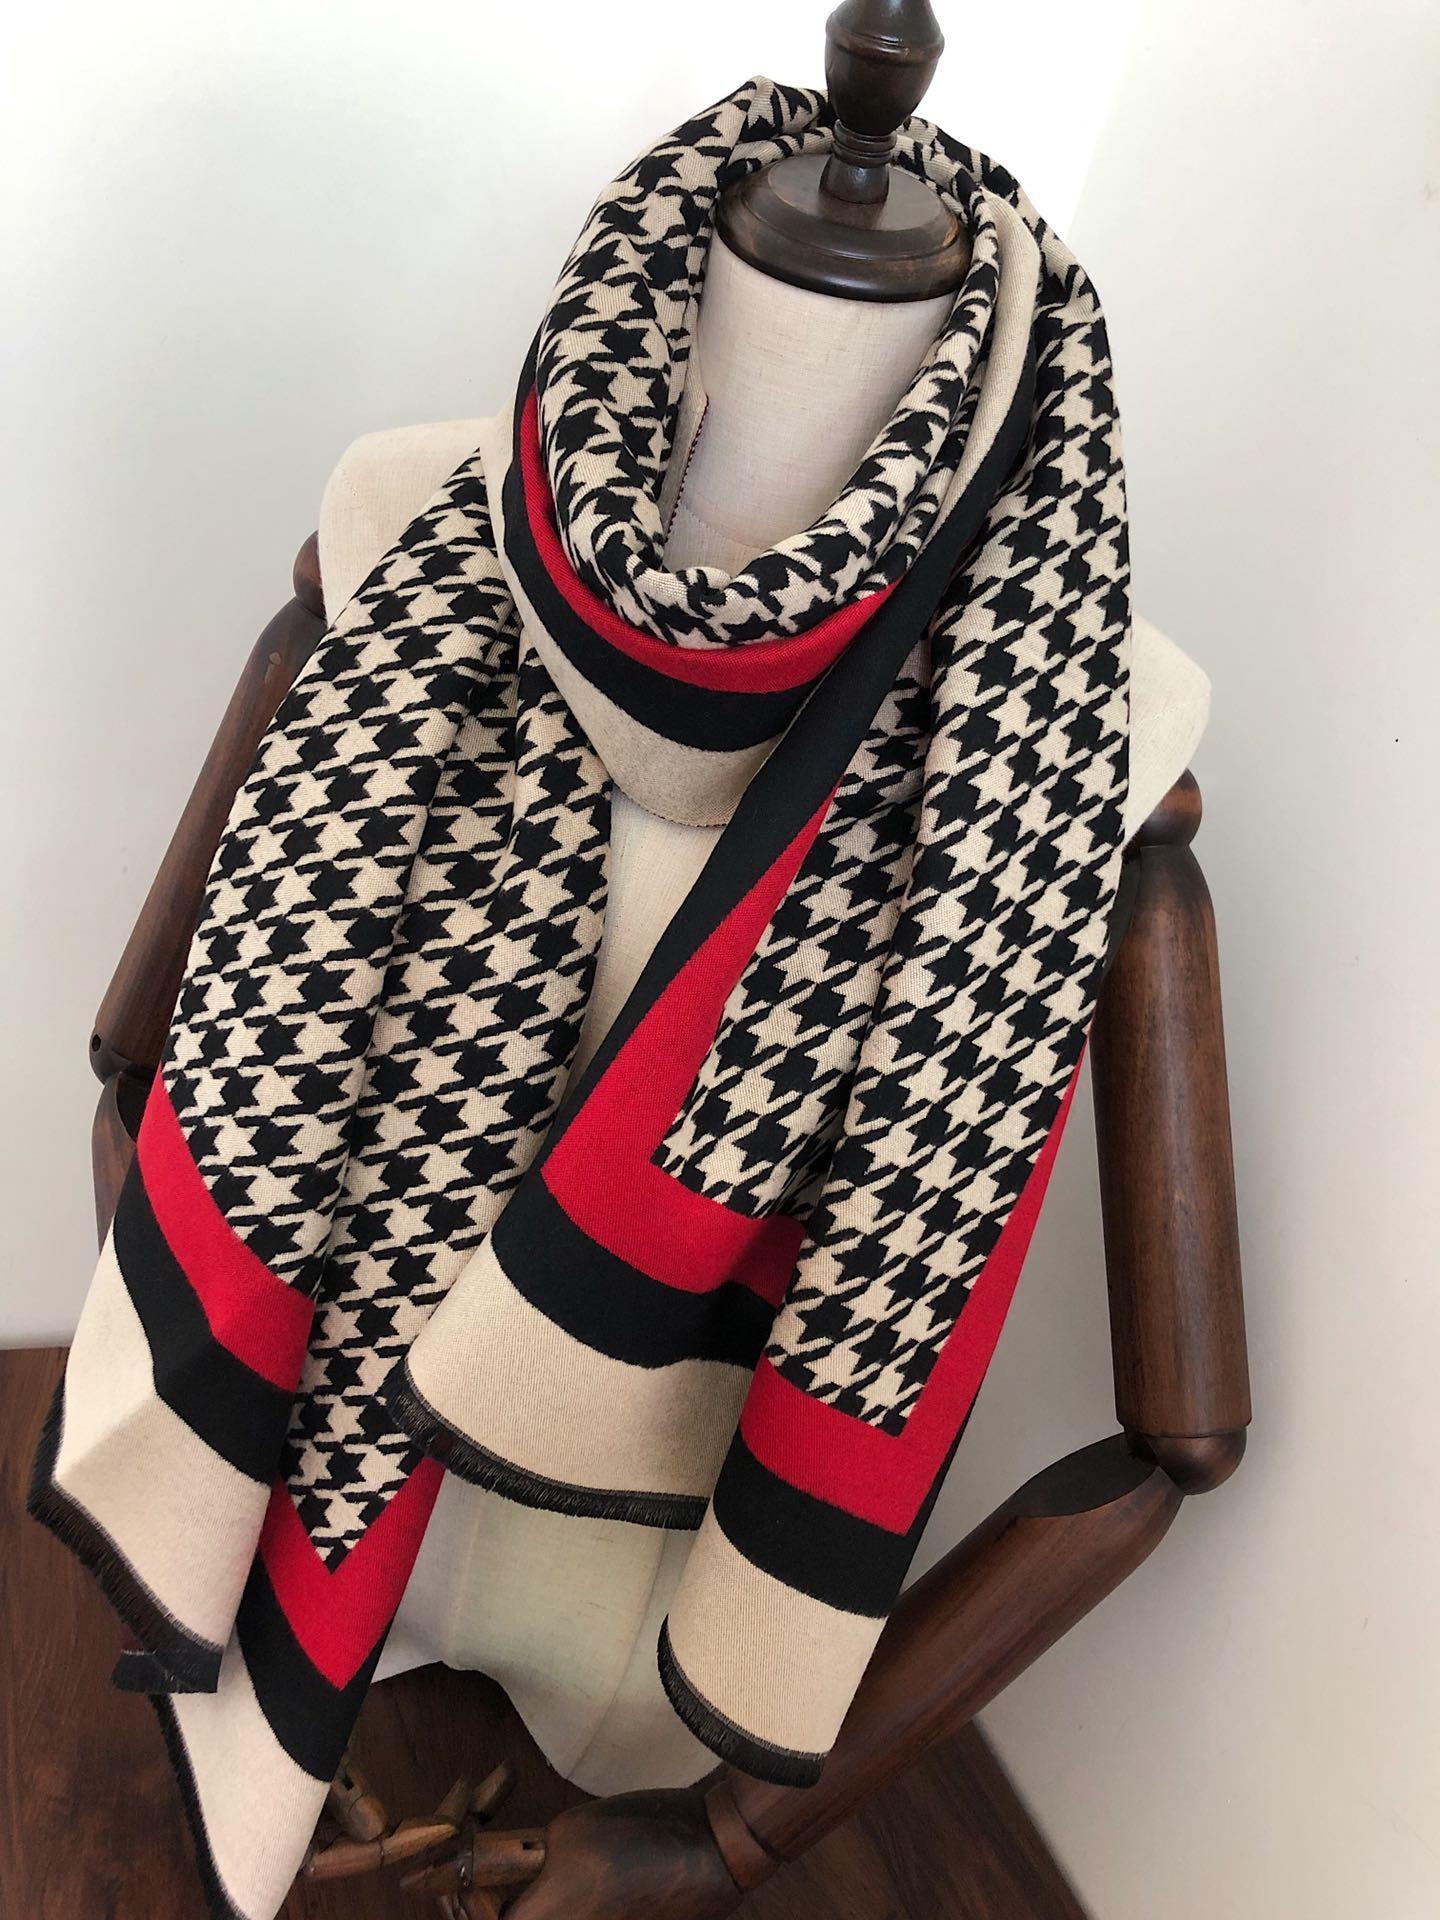 Los diseñadores de nuevas bufandas de otoño e invierno diseñaron bufandas de cachemira de bufandas de chal de alta calidad, suaves, cálidas y multifuncionales